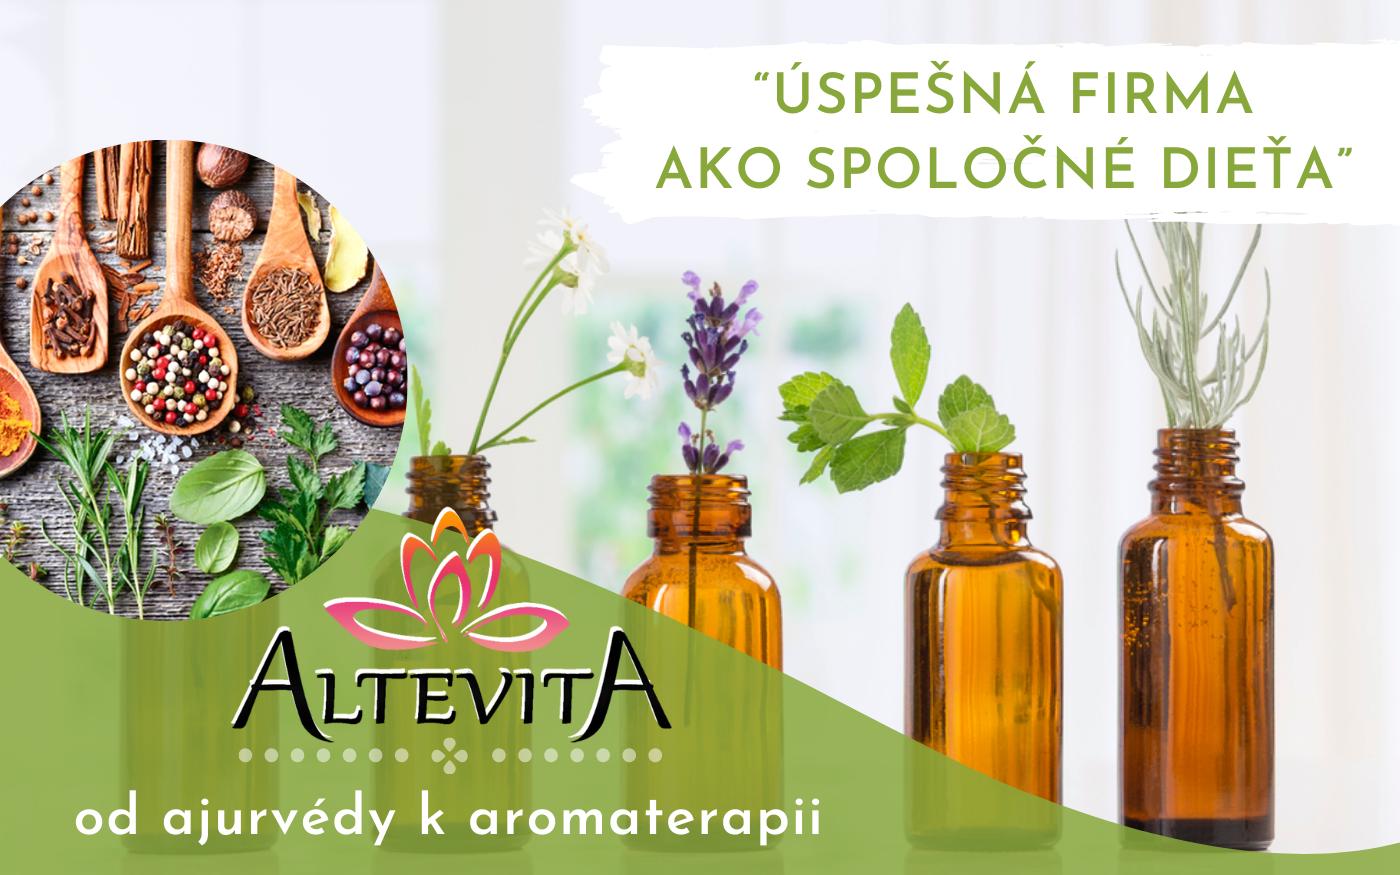 Altevita - úspešná firma ako spoločné dieťa